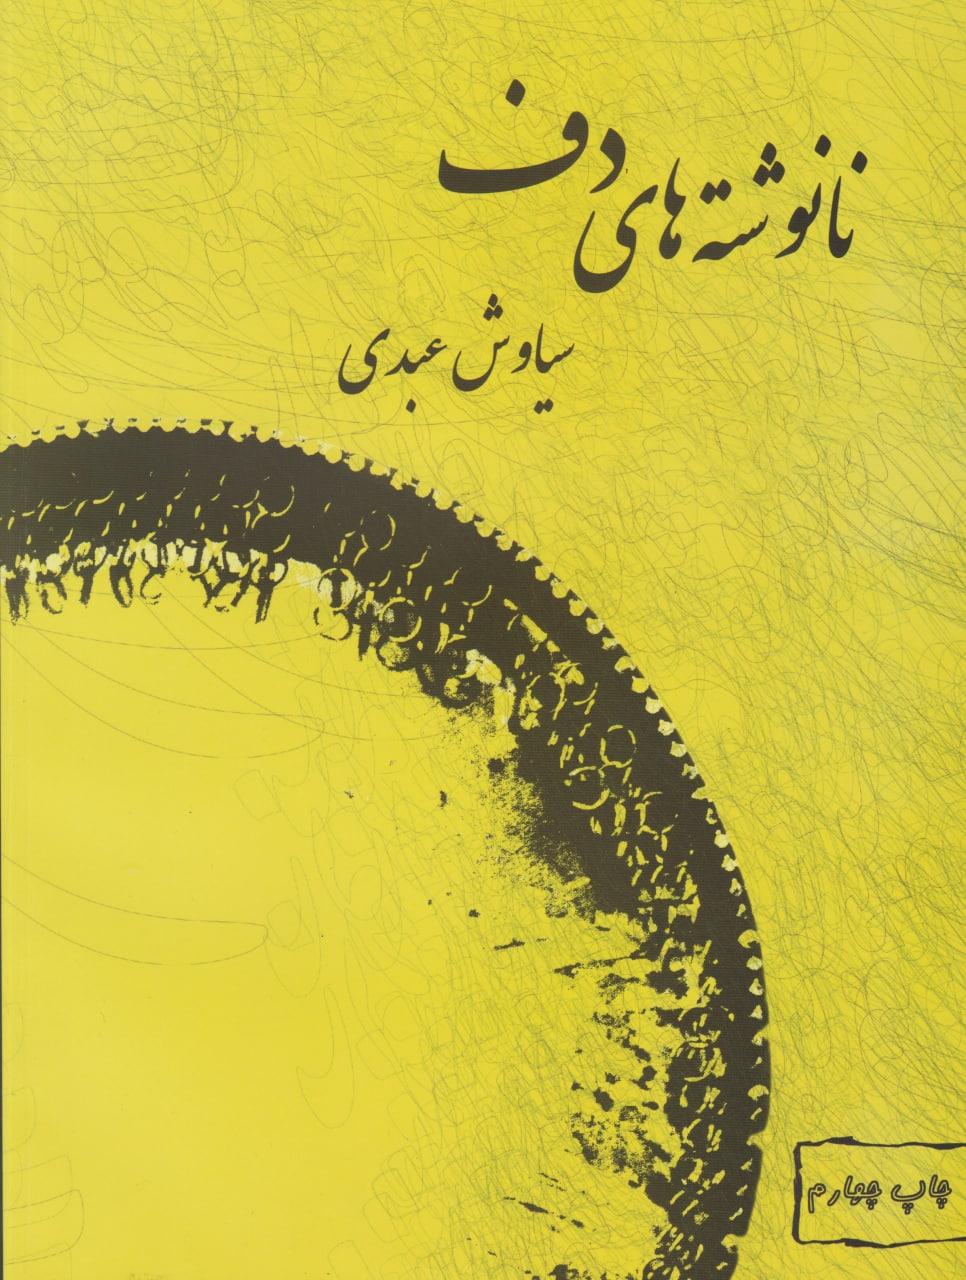 کتاب نانوشتههای دف سیاوش عبدی انتشارات عارف